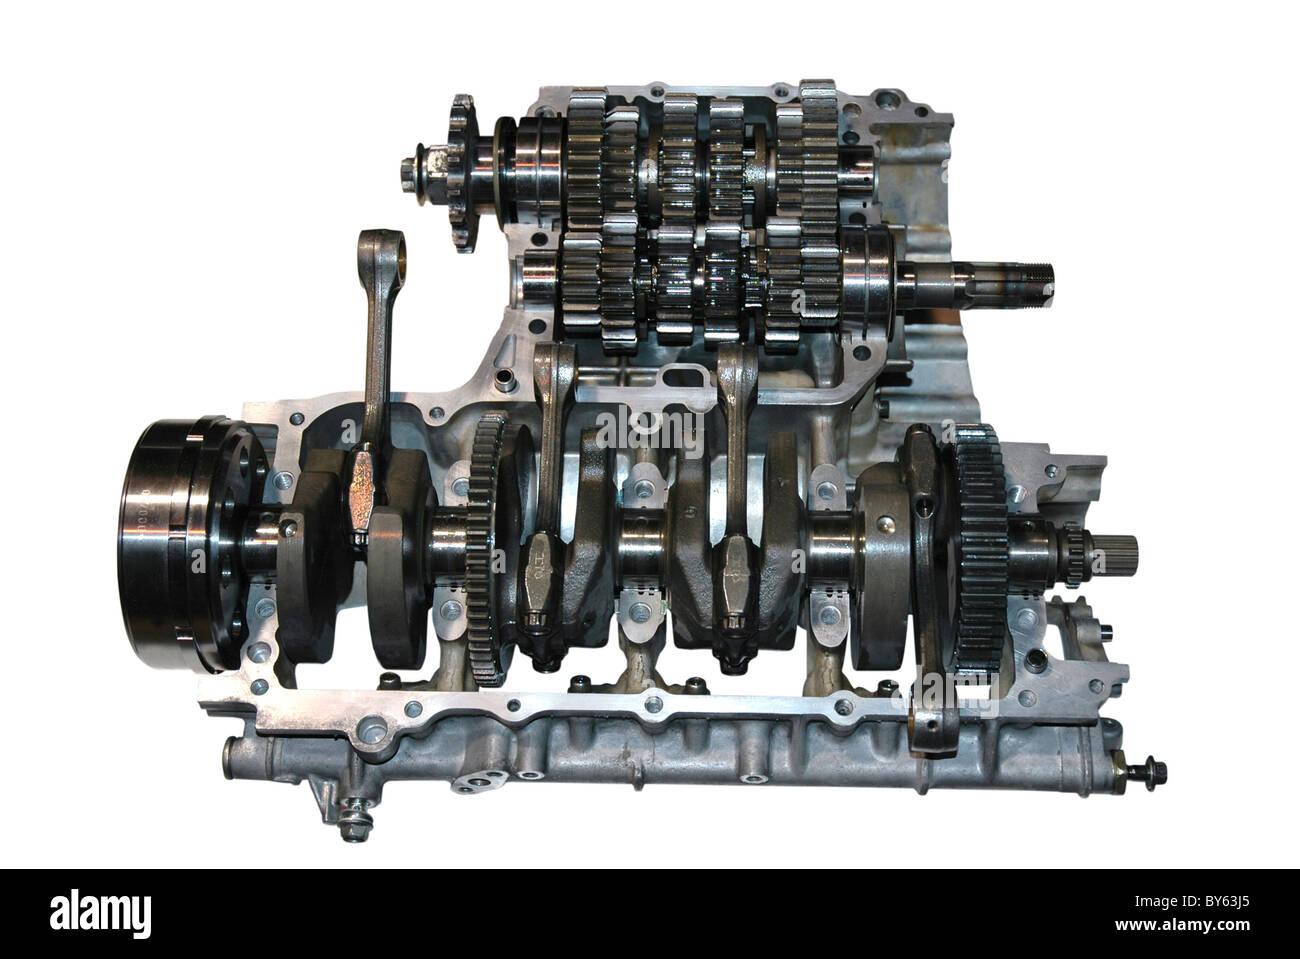 Internal Combustion Motor Stockfotos & Internal Combustion Motor ...